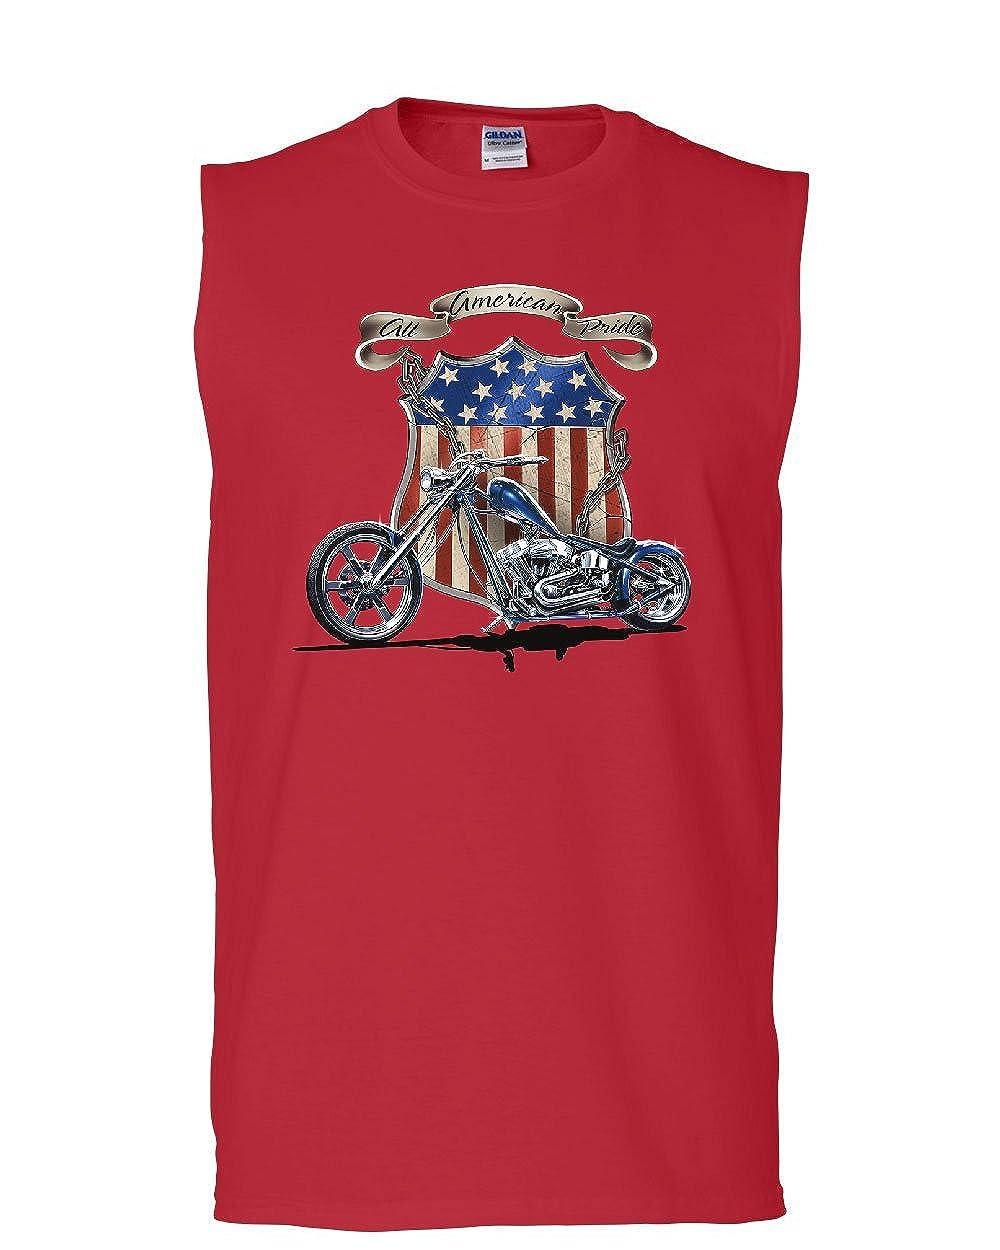 Tee Hunt American Pride Route 66 Muscle Shirt Biker Chopper Ride Die Sleeveless